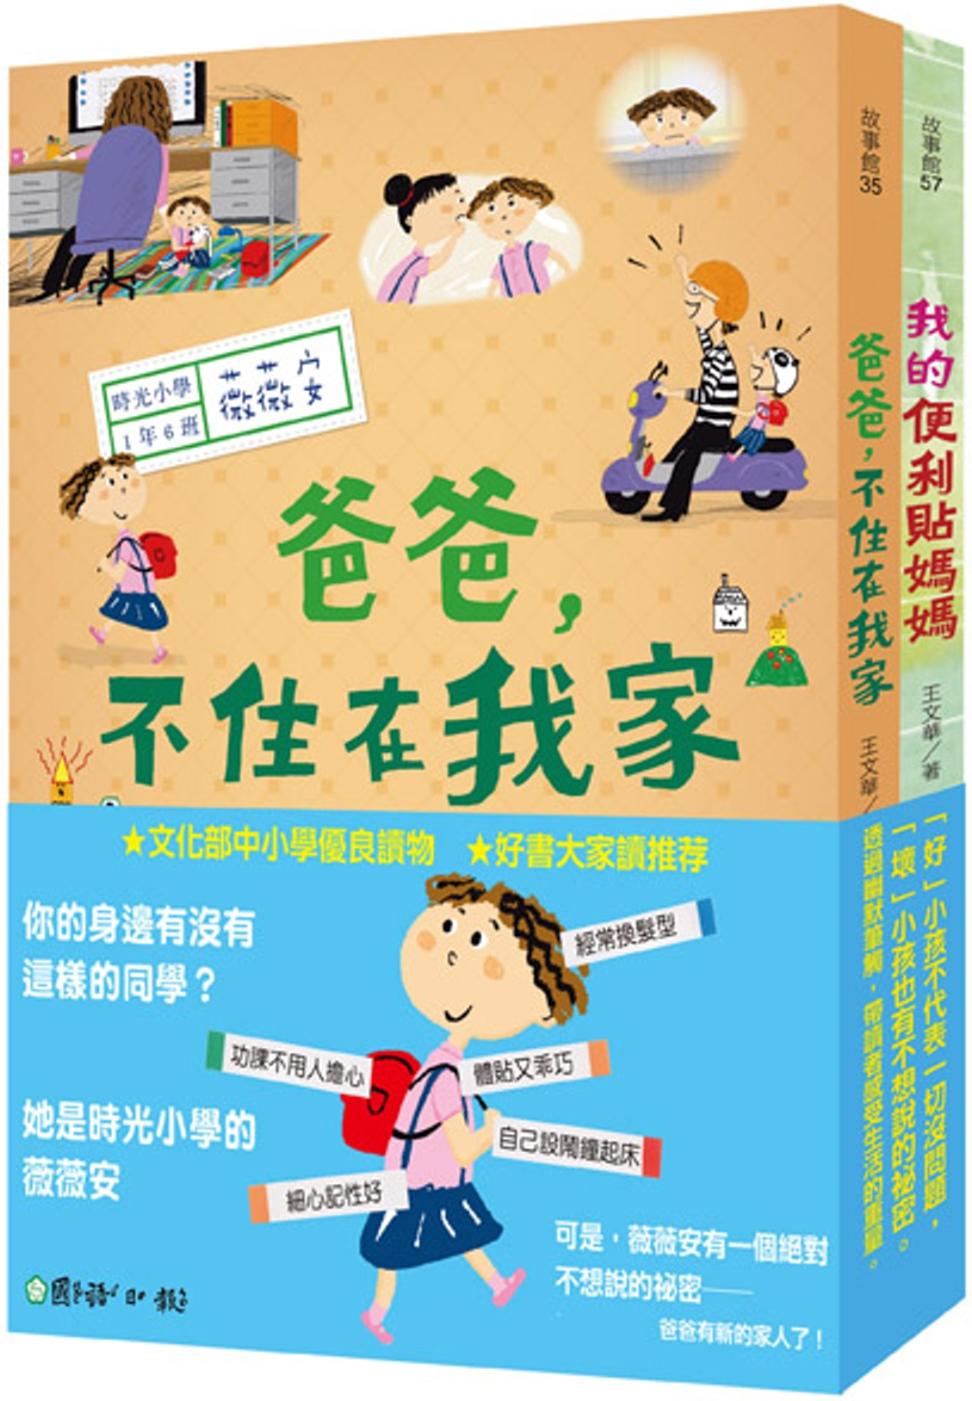 時光小學1+2套書:金鼎獎暢銷...